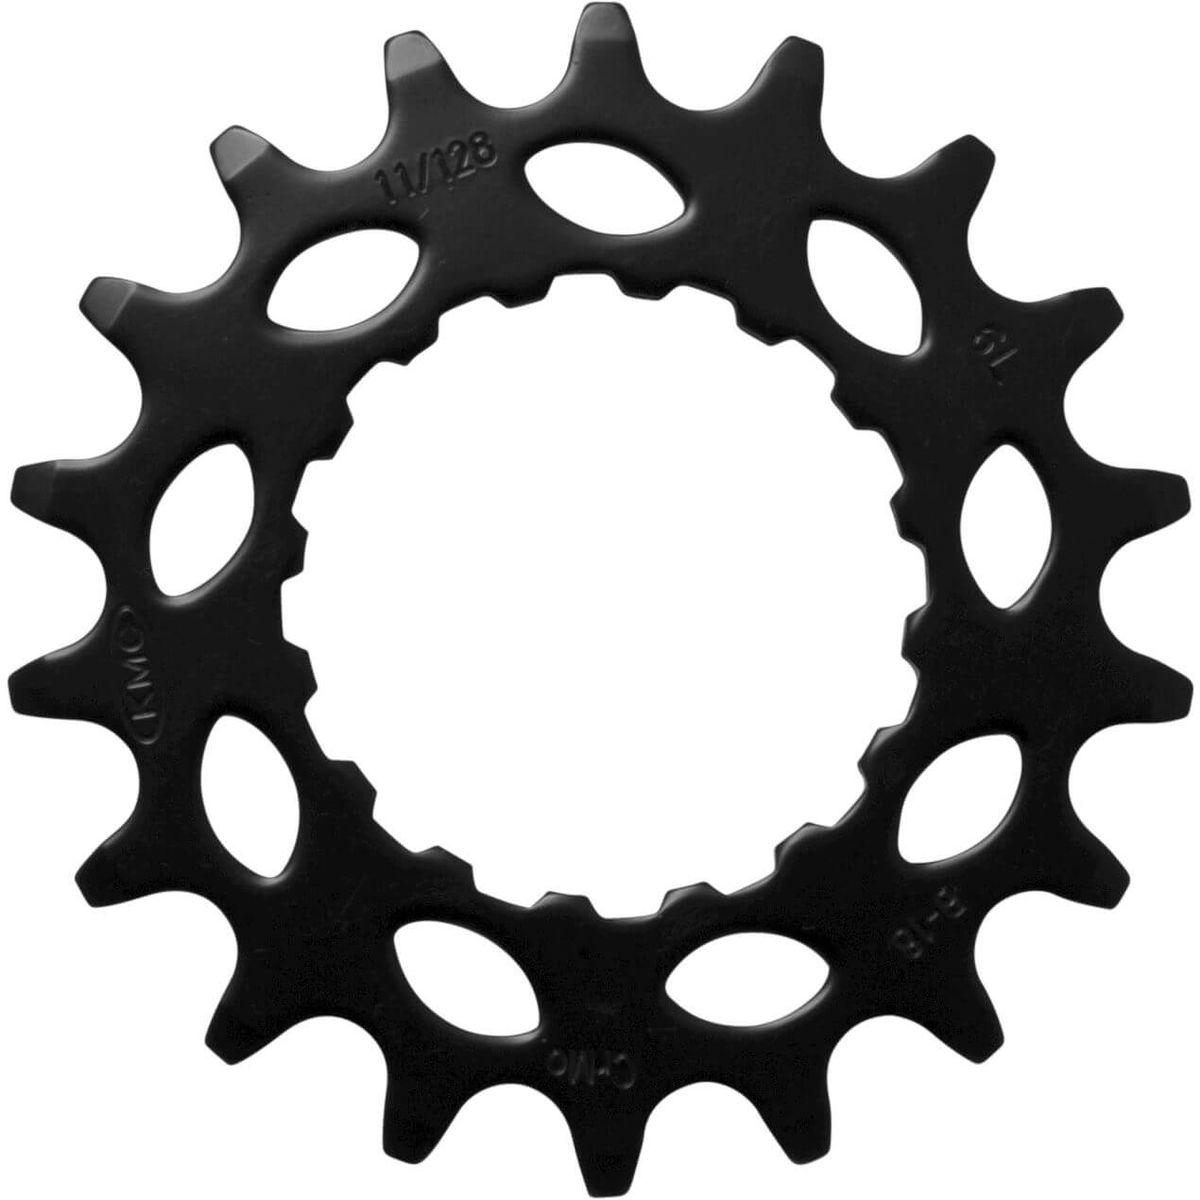 Kmc tandwiel voor bosch 21t cro-mo staal zwart 11/